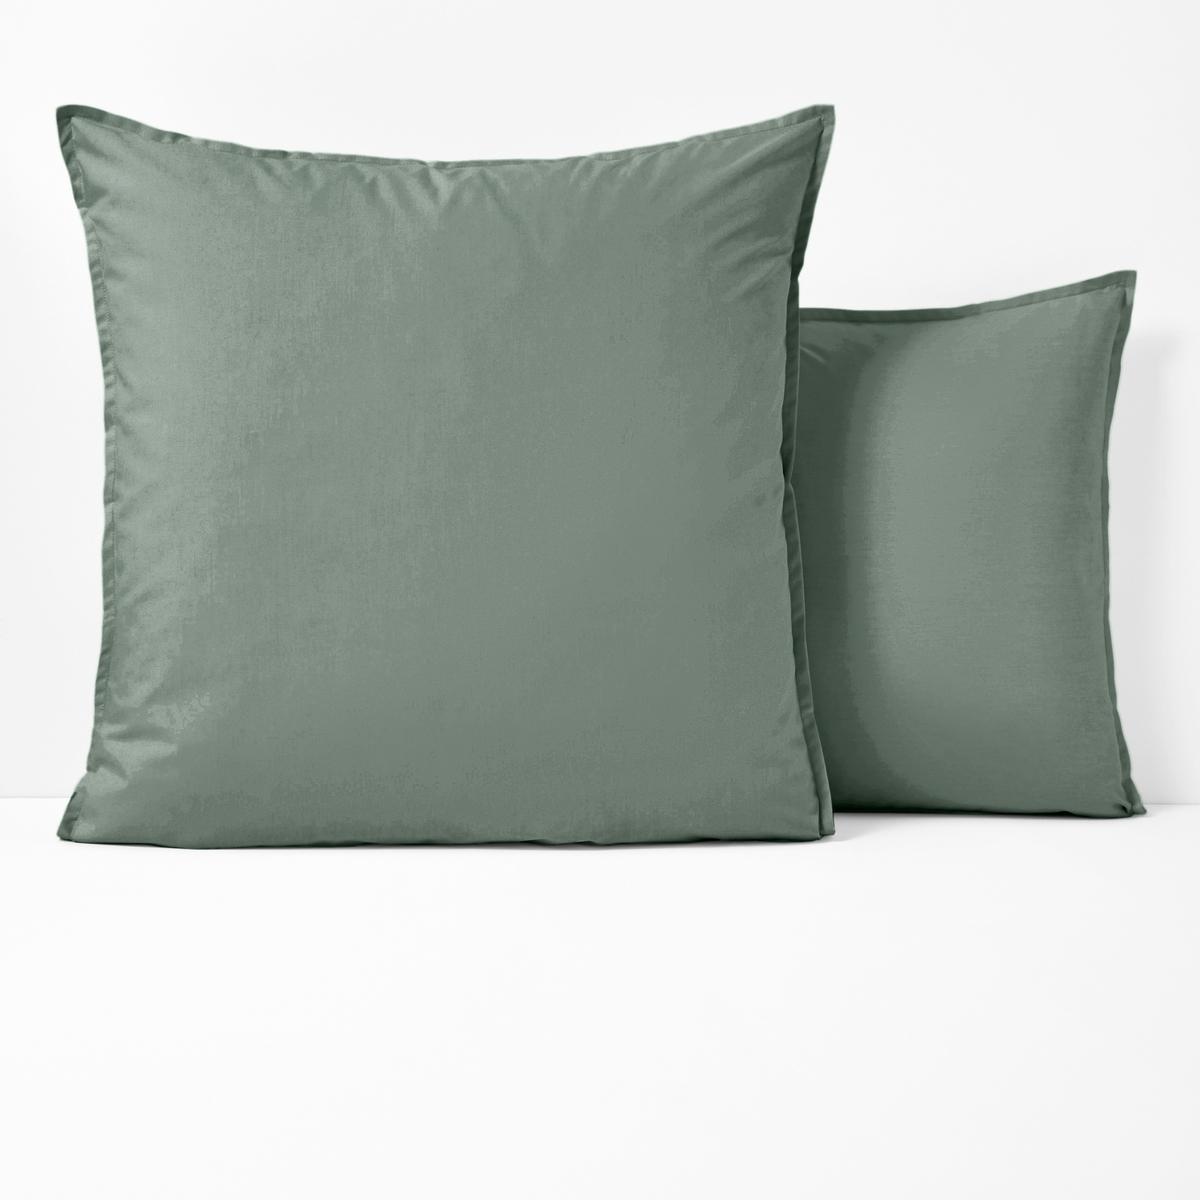 Наволочка La Redoute Из перкали из биохлопка 50 x 70 см зеленый наволочка la redoute из перкали из биохлопка 50 x 70 см зеленый